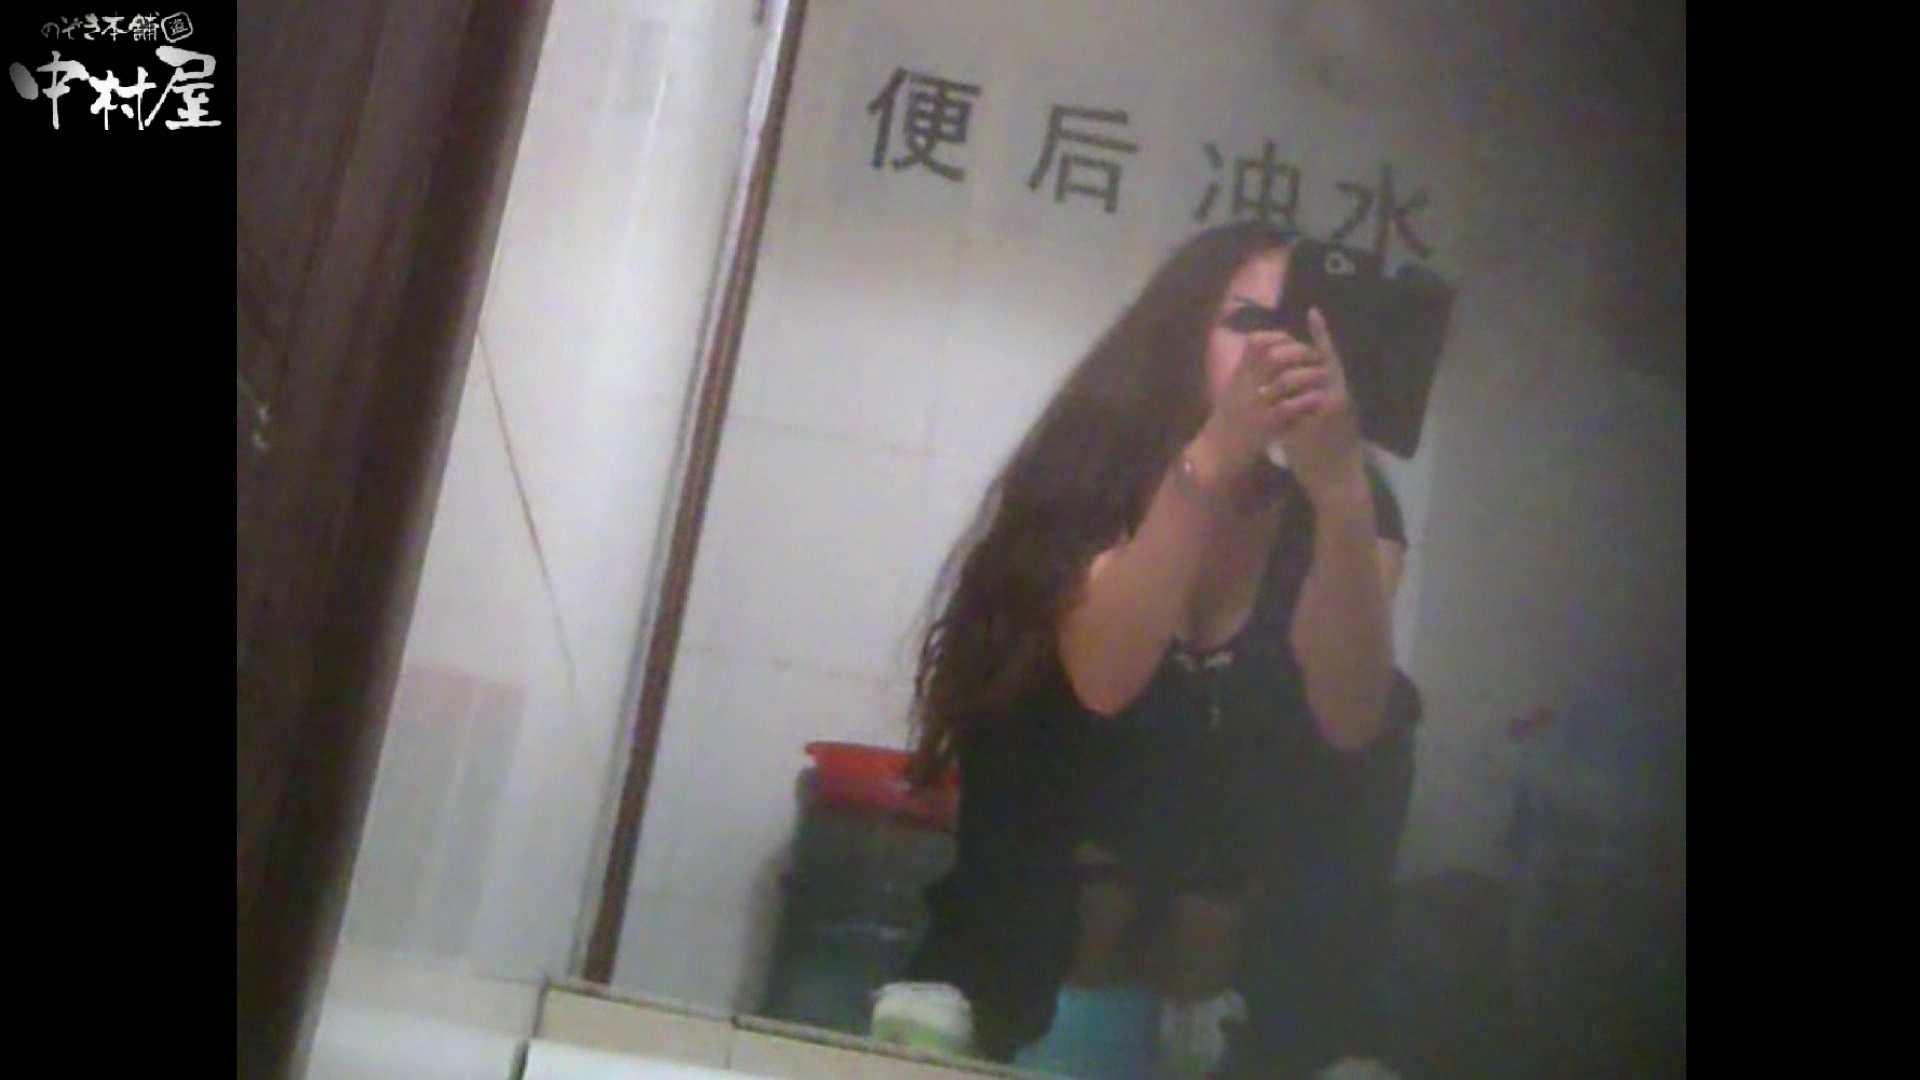 李さんの盗撮日記 Vol.03 ギャル 性交動画流出 101pic 53